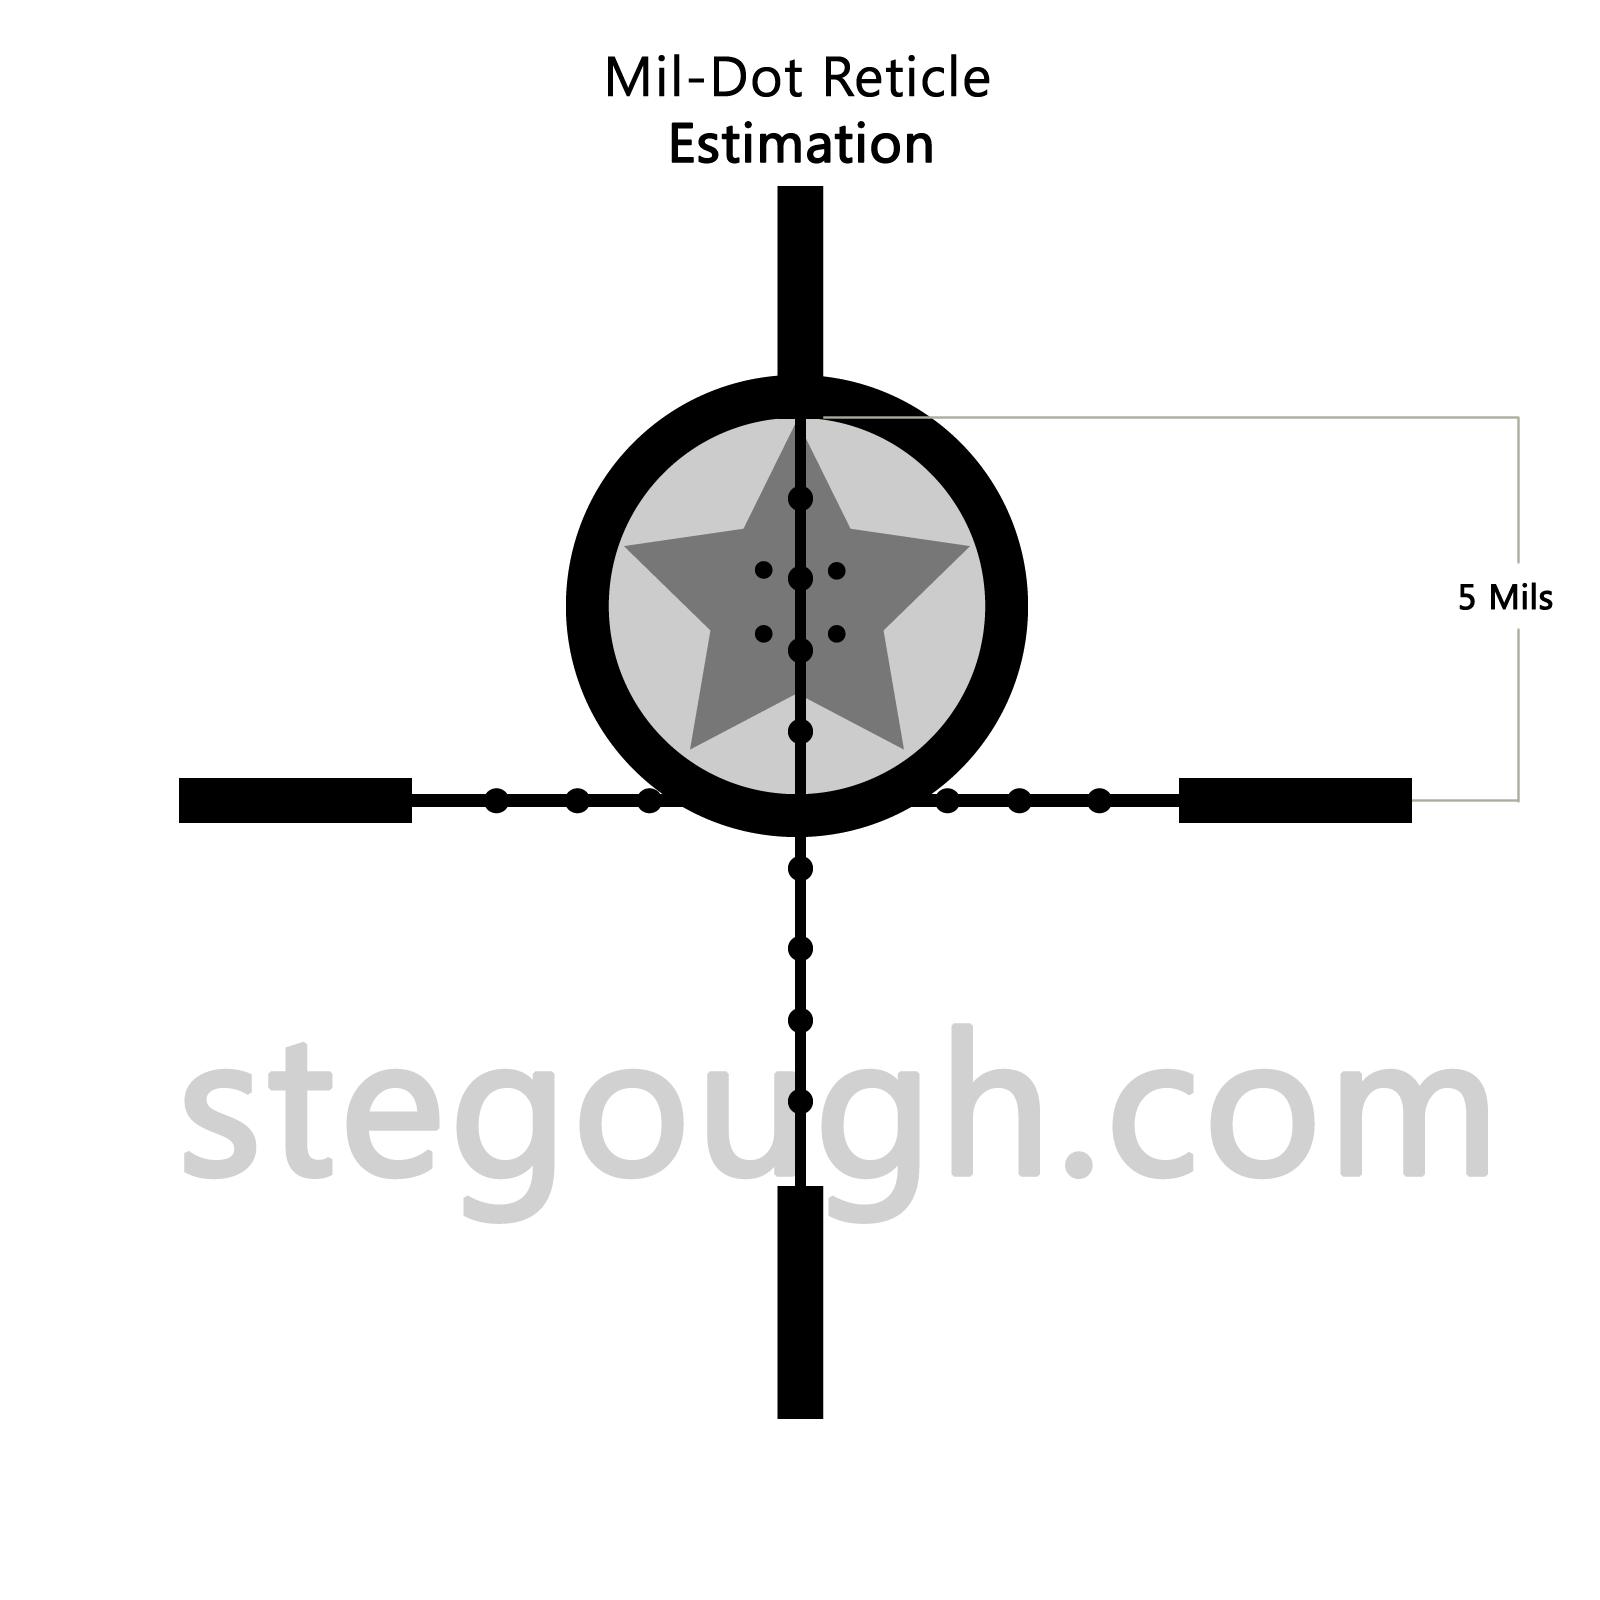 Mildot Range Estimation